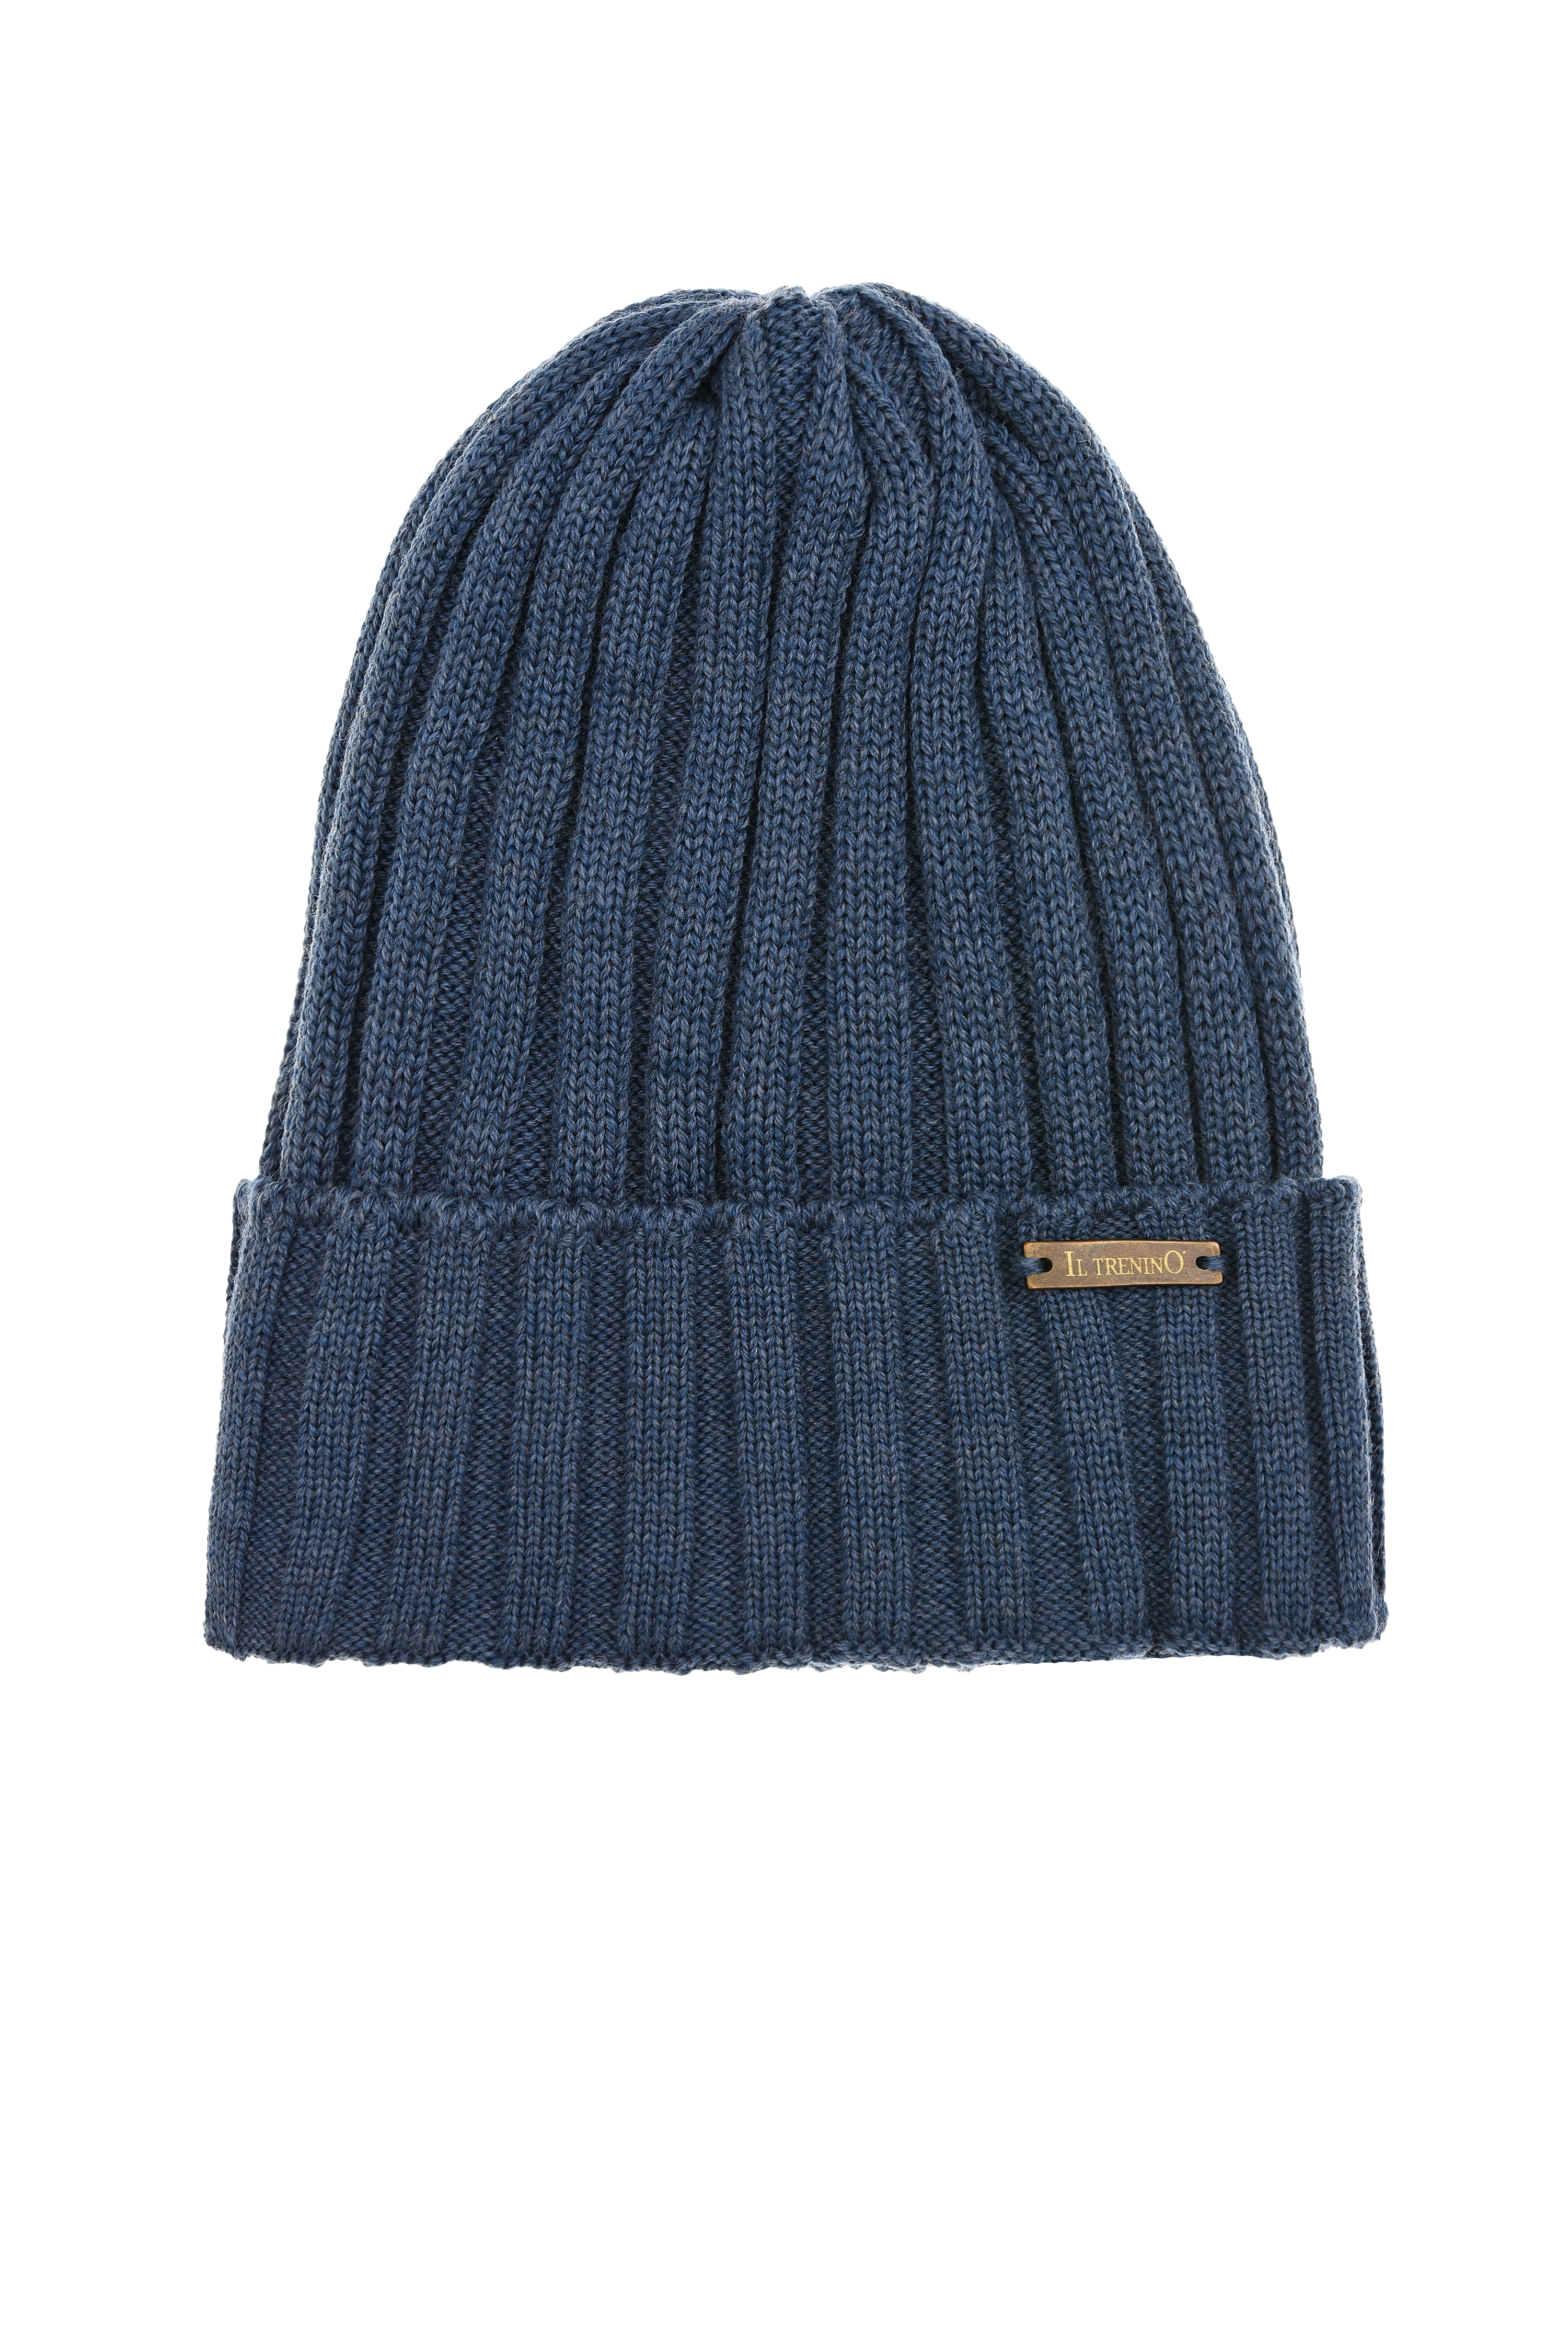 Синяя шапка из шерсти с отворотом Il Trenino детская, Синий, 100%шерсть  - купить со скидкой